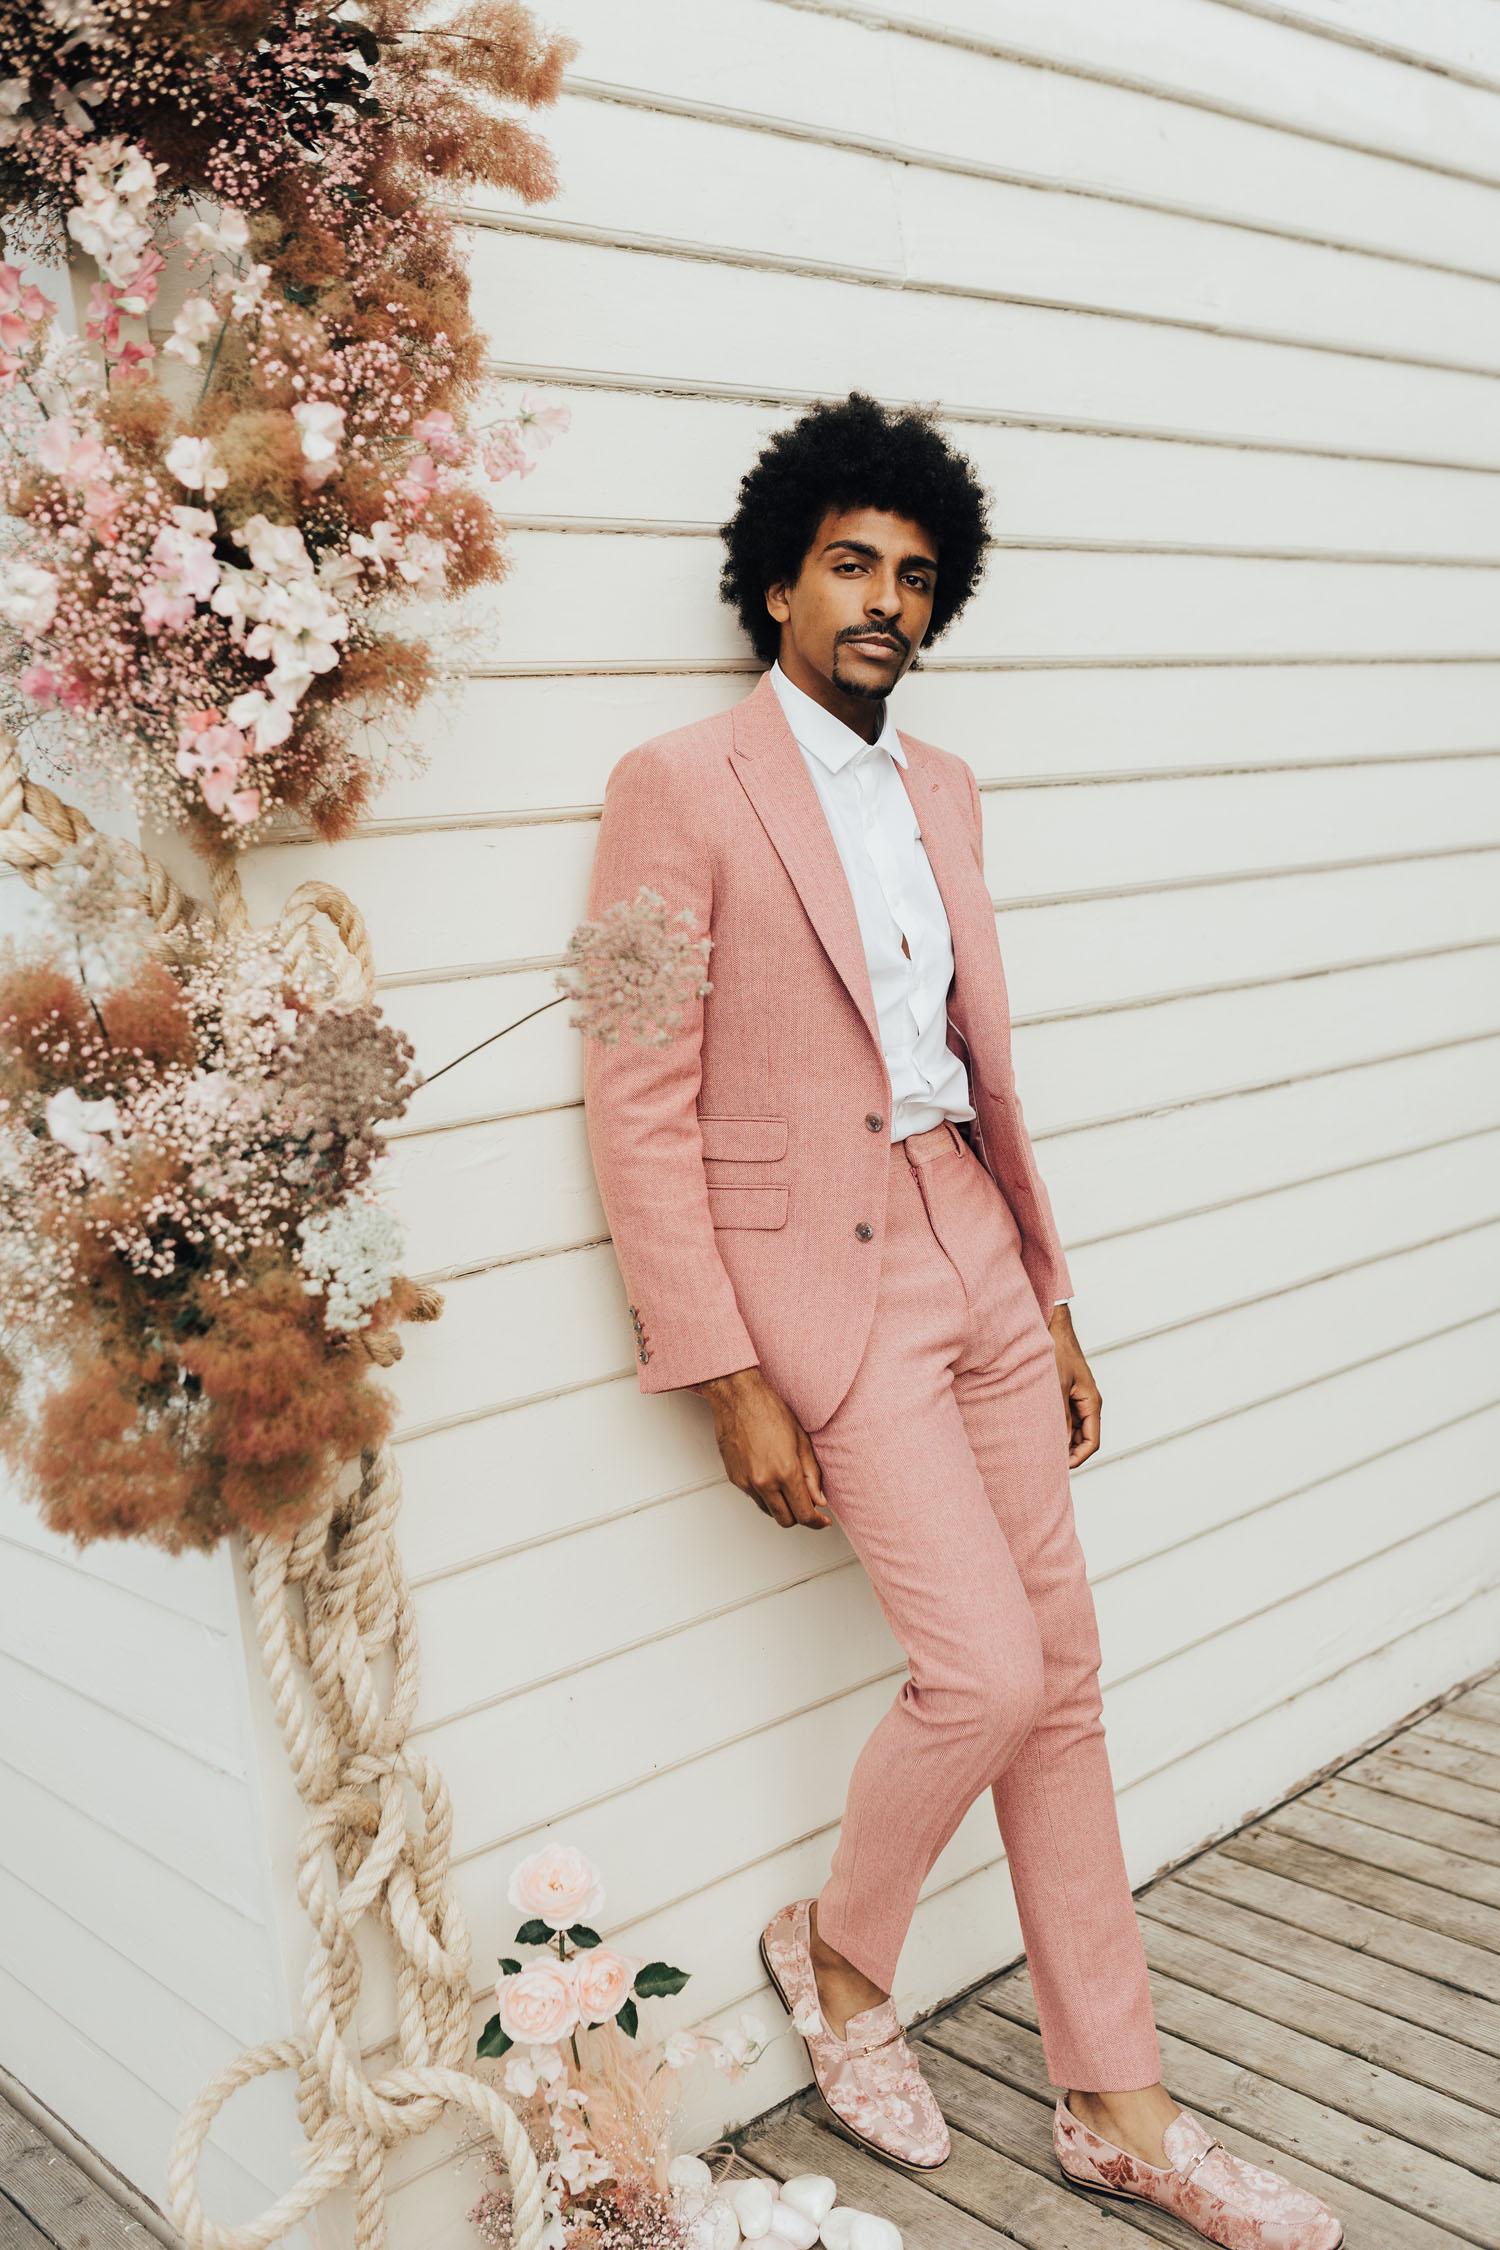 marié costume rose